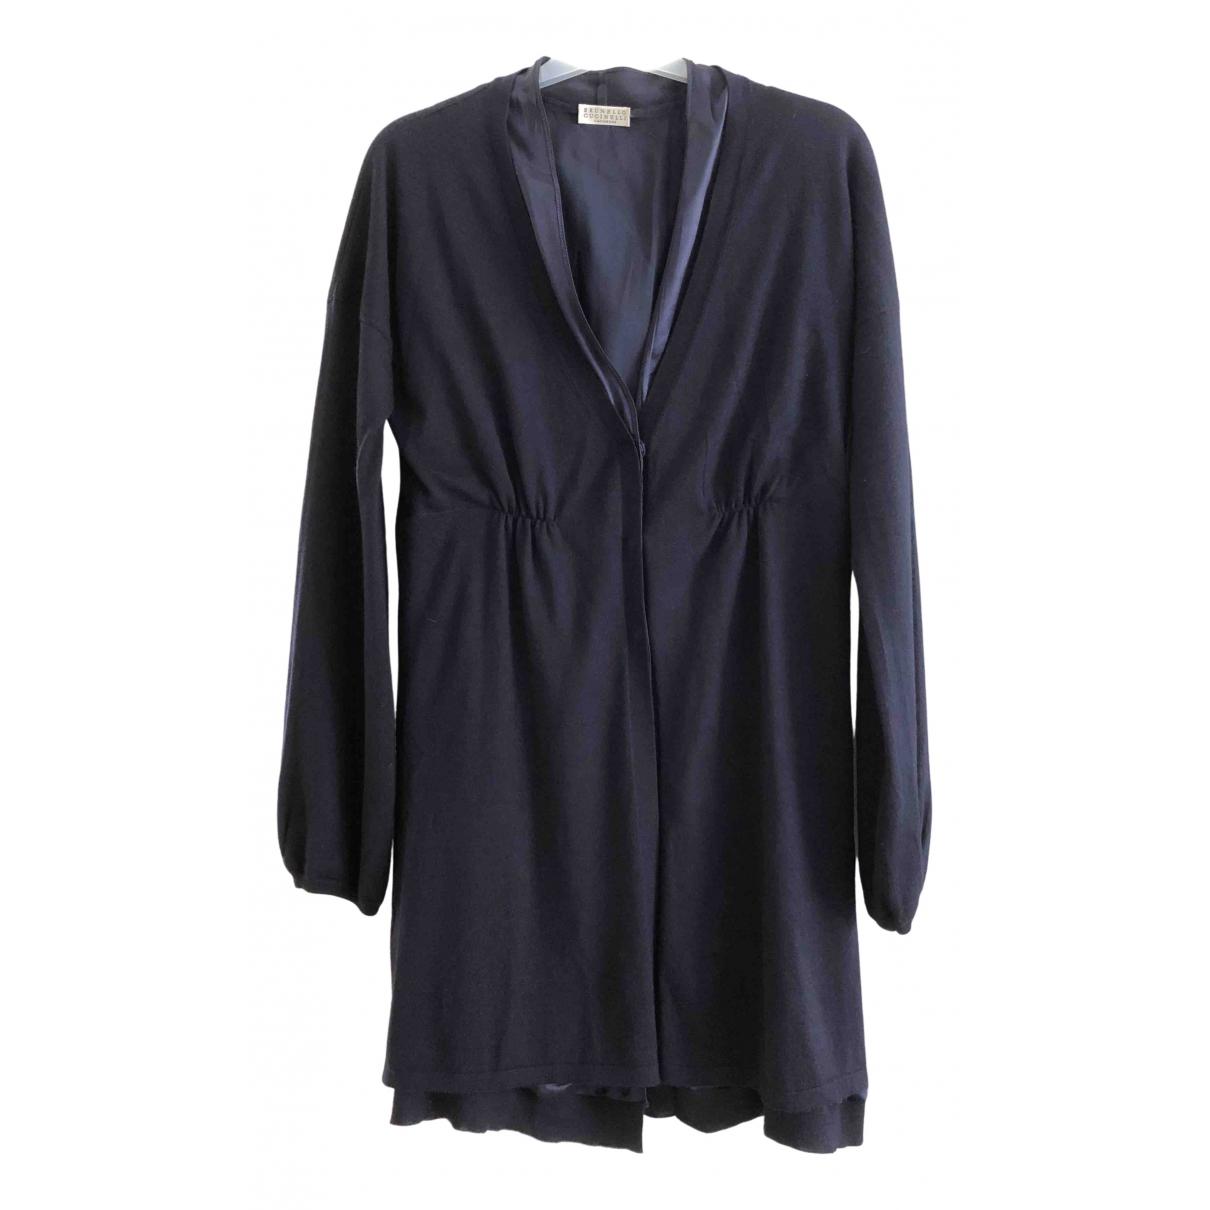 Brunello Cucinelli \N Navy Cashmere Knitwear for Women M International